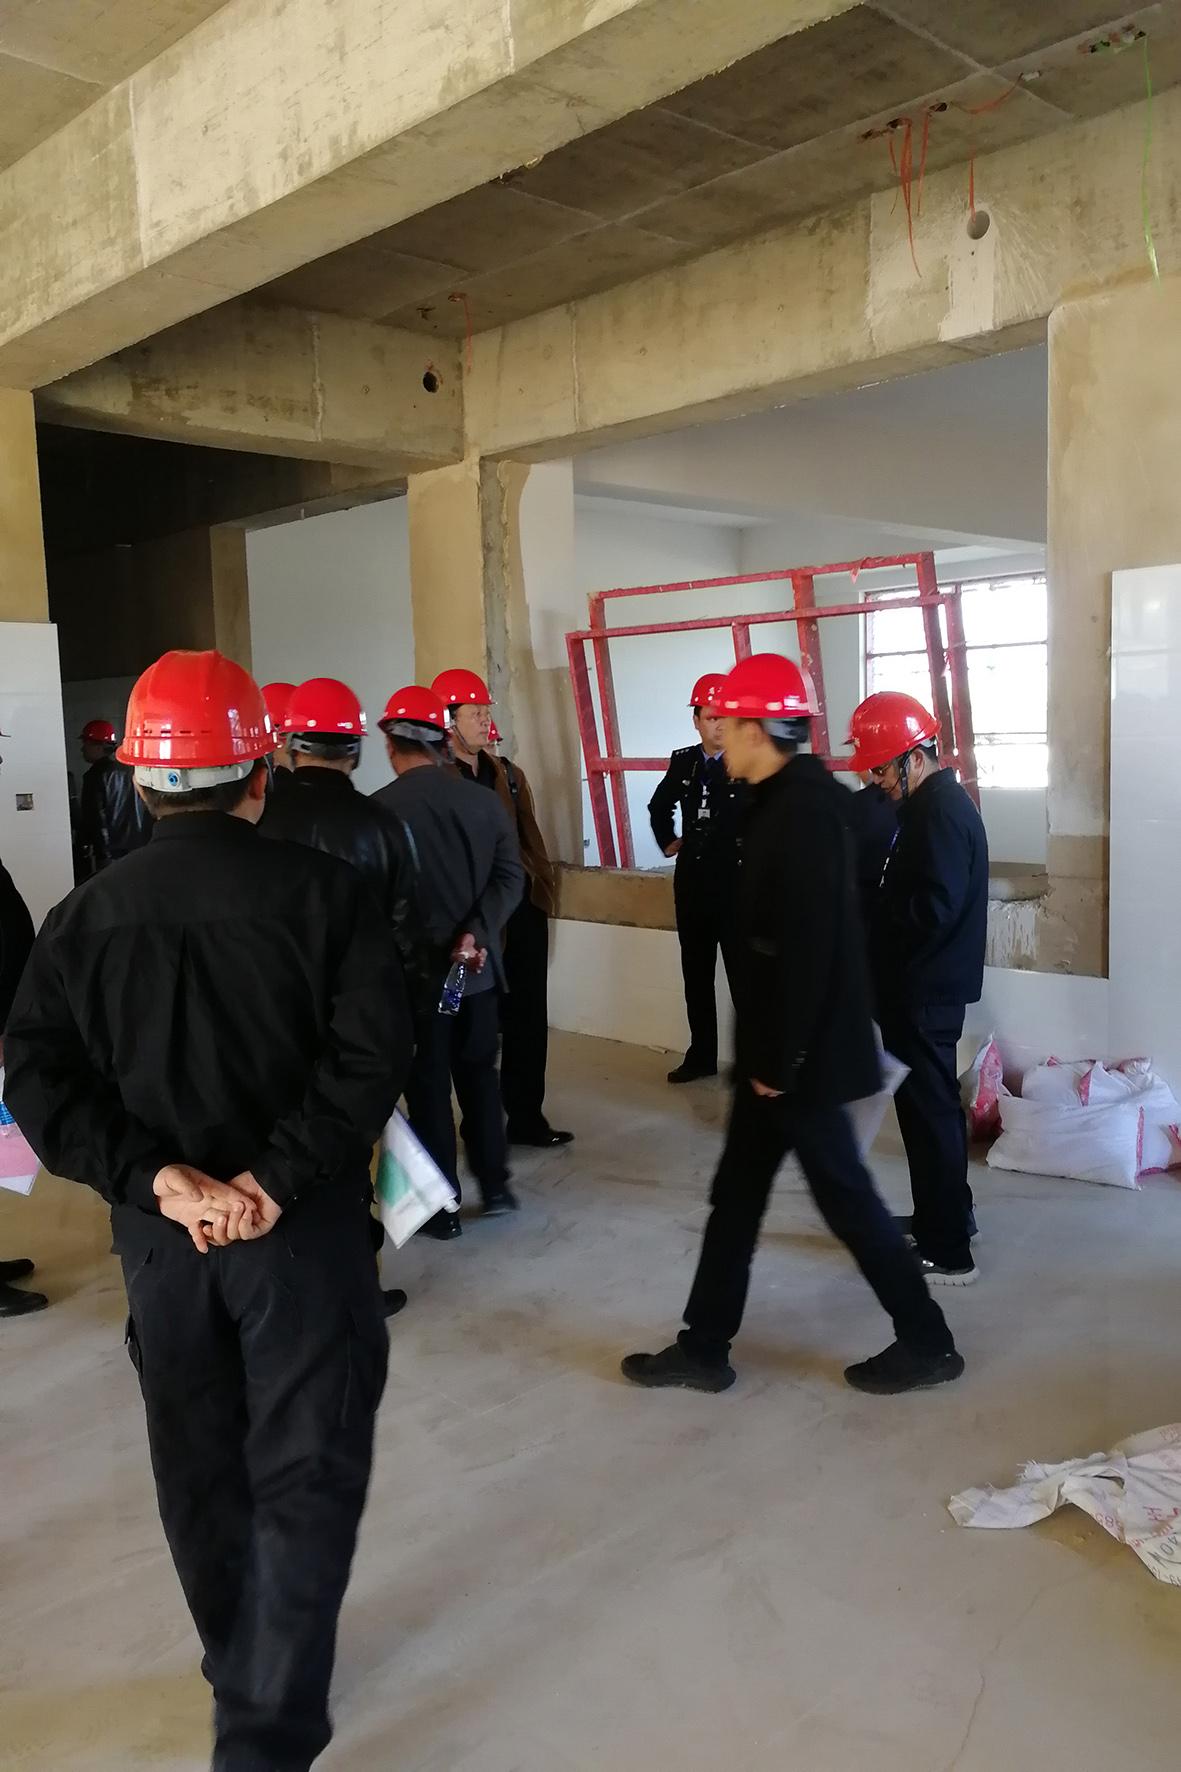 云南省戒毒局强戒系统观摩学习我司监理的云南省第二强制隔离戒毒所施工现场